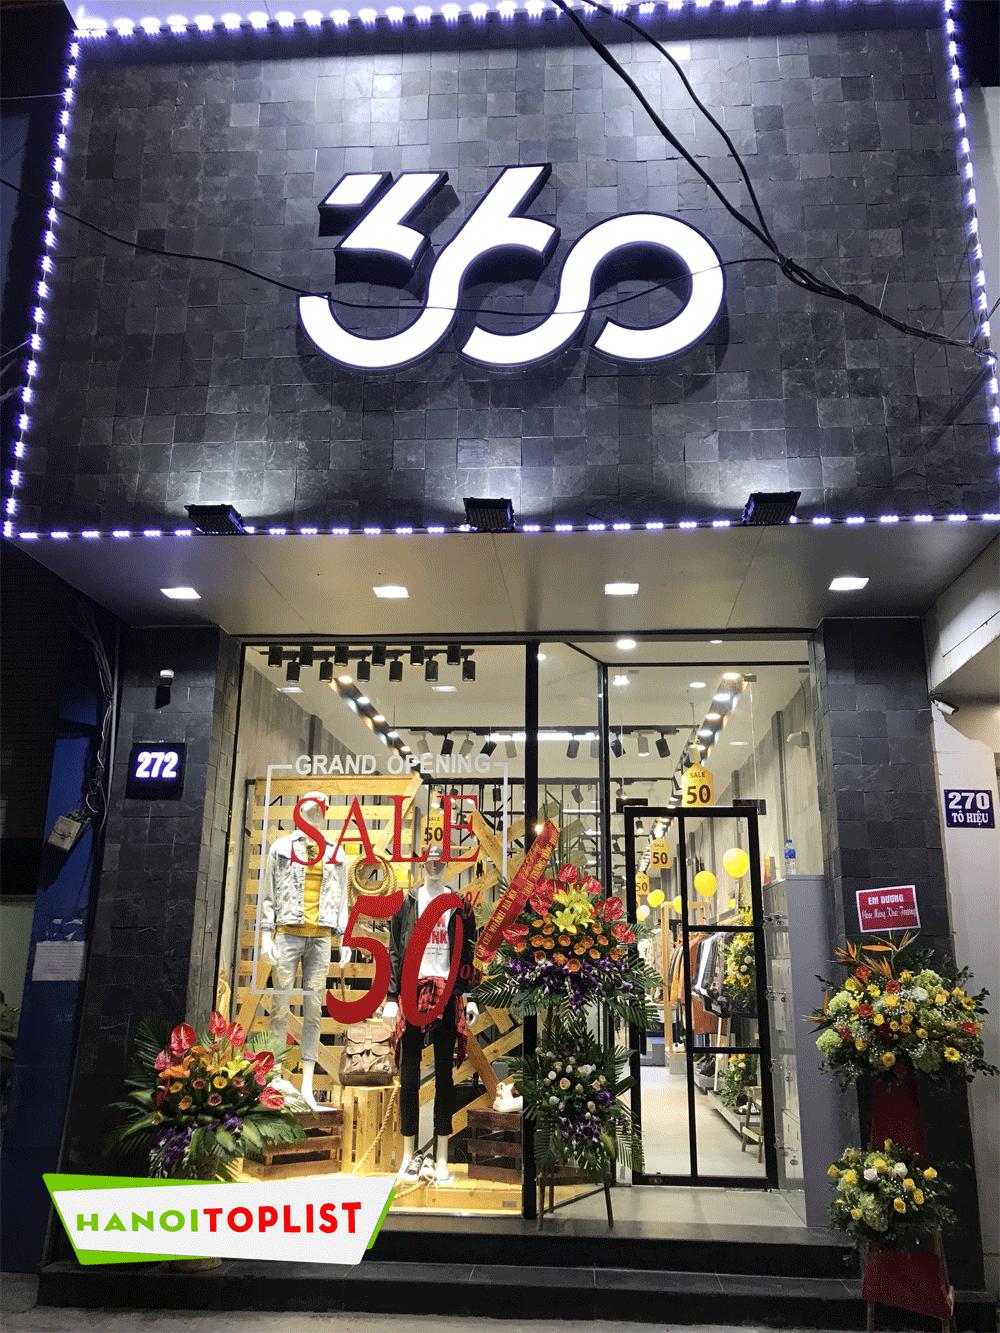 360-boutique